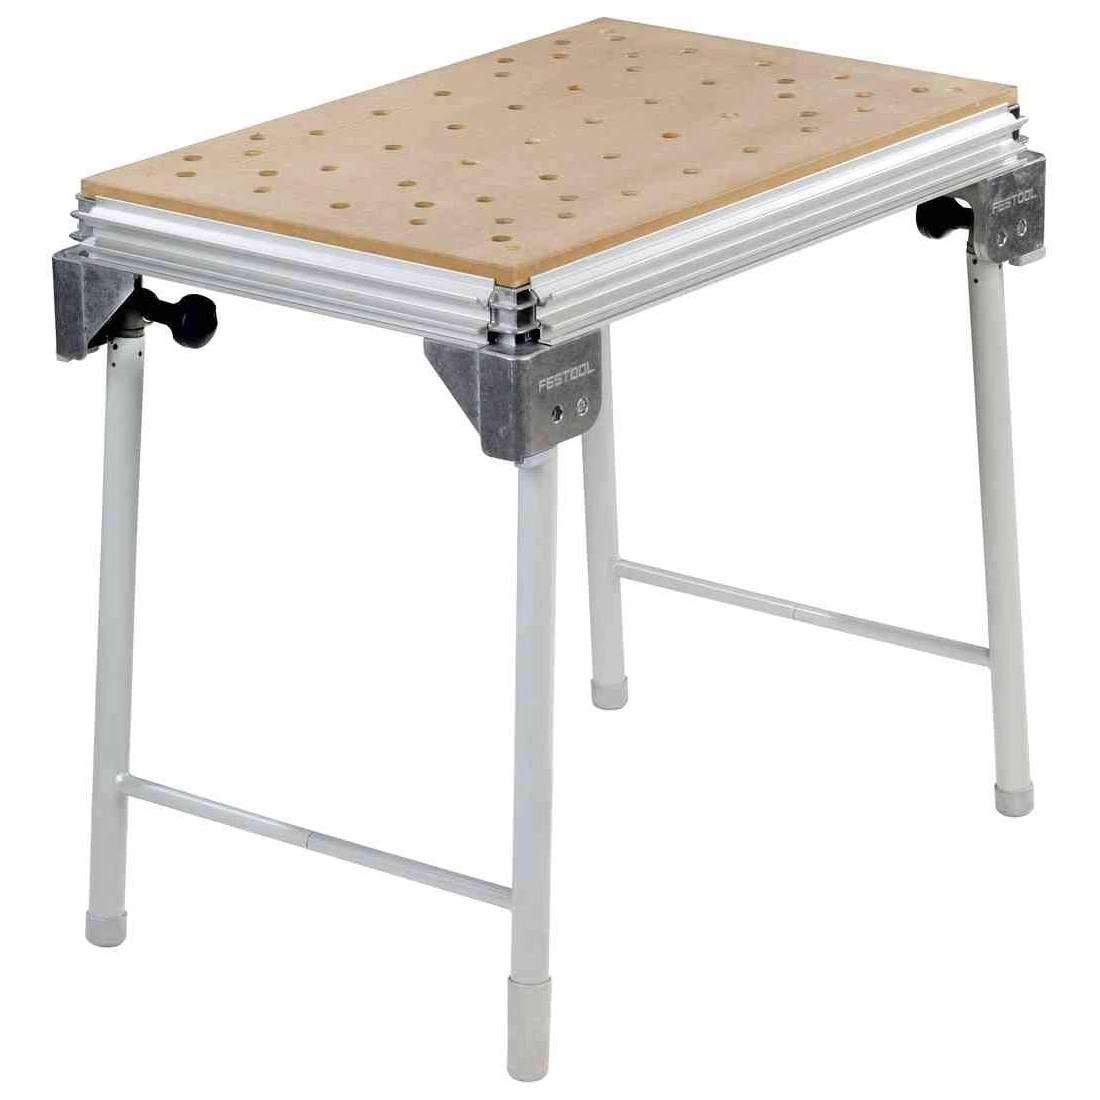 Festool Multifunctional Table Kapex KS 120 EB